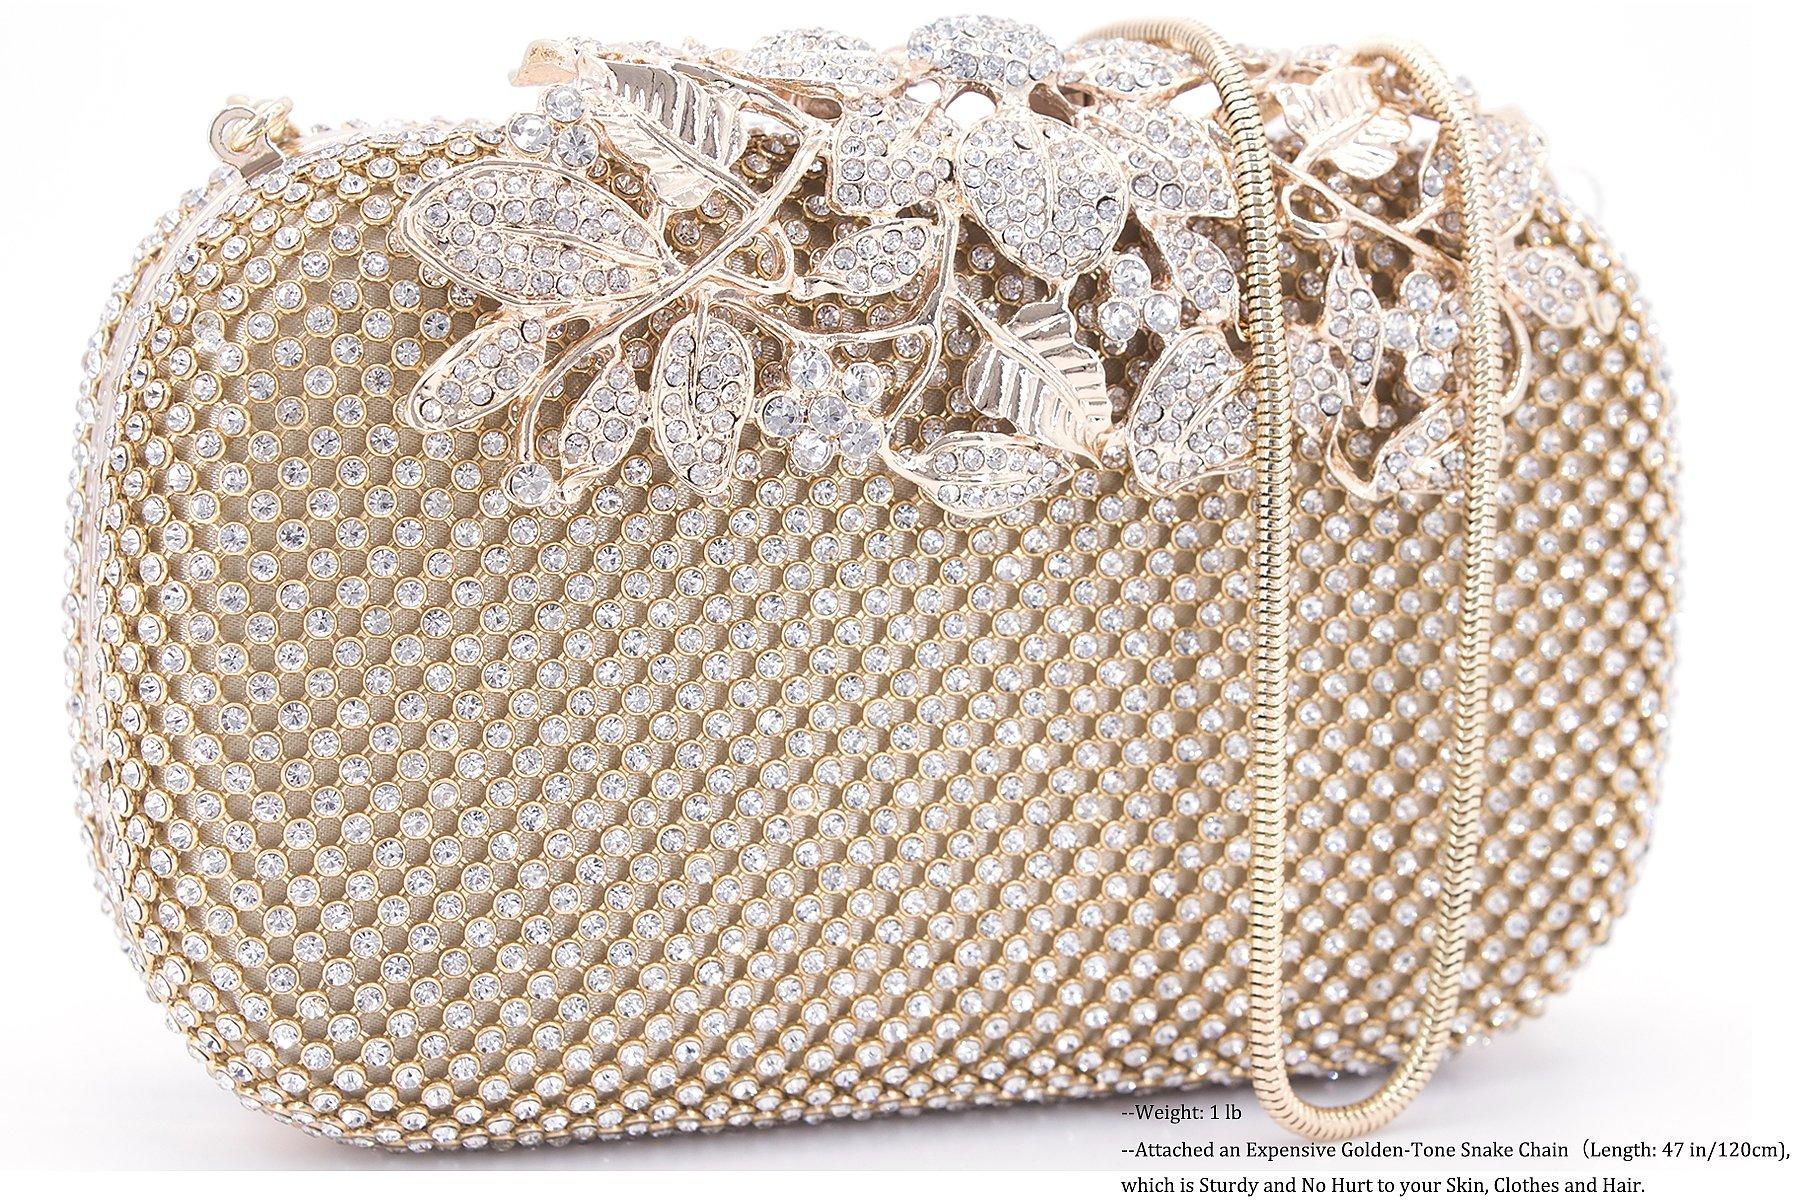 Dexmay Luxury Flower Women Clutch Purse Rhinestone Crystal Evening Bag for Wedding Party Gold